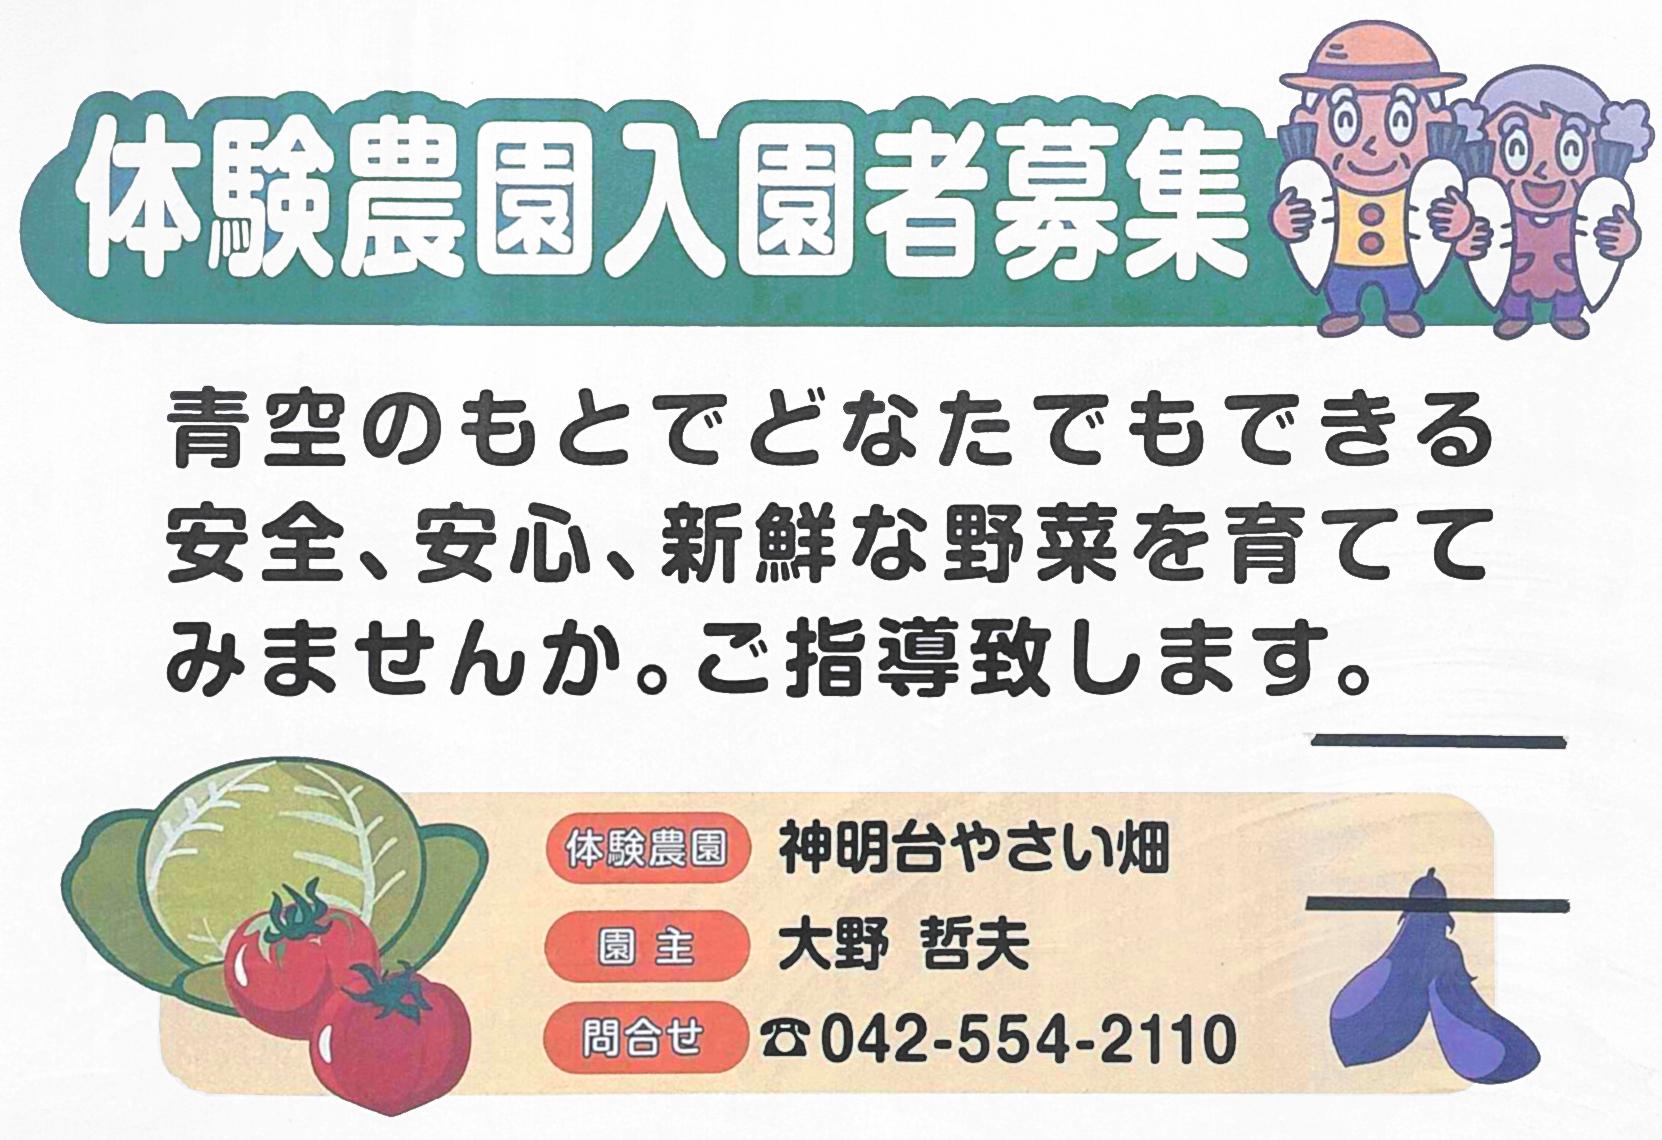 神明台 羽村 市